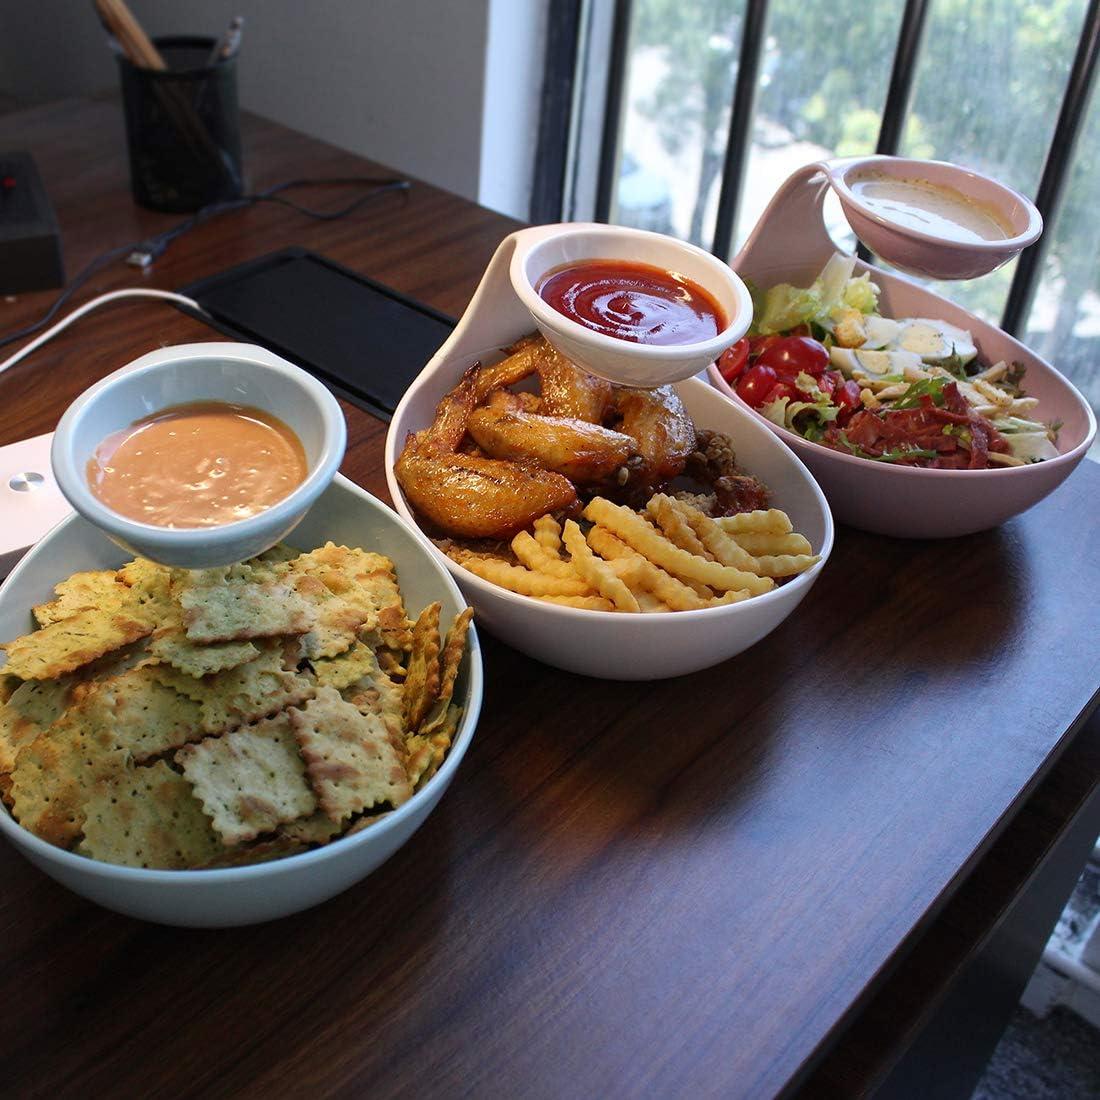 2 patatine fritte di insalata di frutta Antipasti di frutta che servono piatti da portata Piatti per la cena in famiglia//festa Emall life Set da 2 ciotole di snack e tuffo Bianco